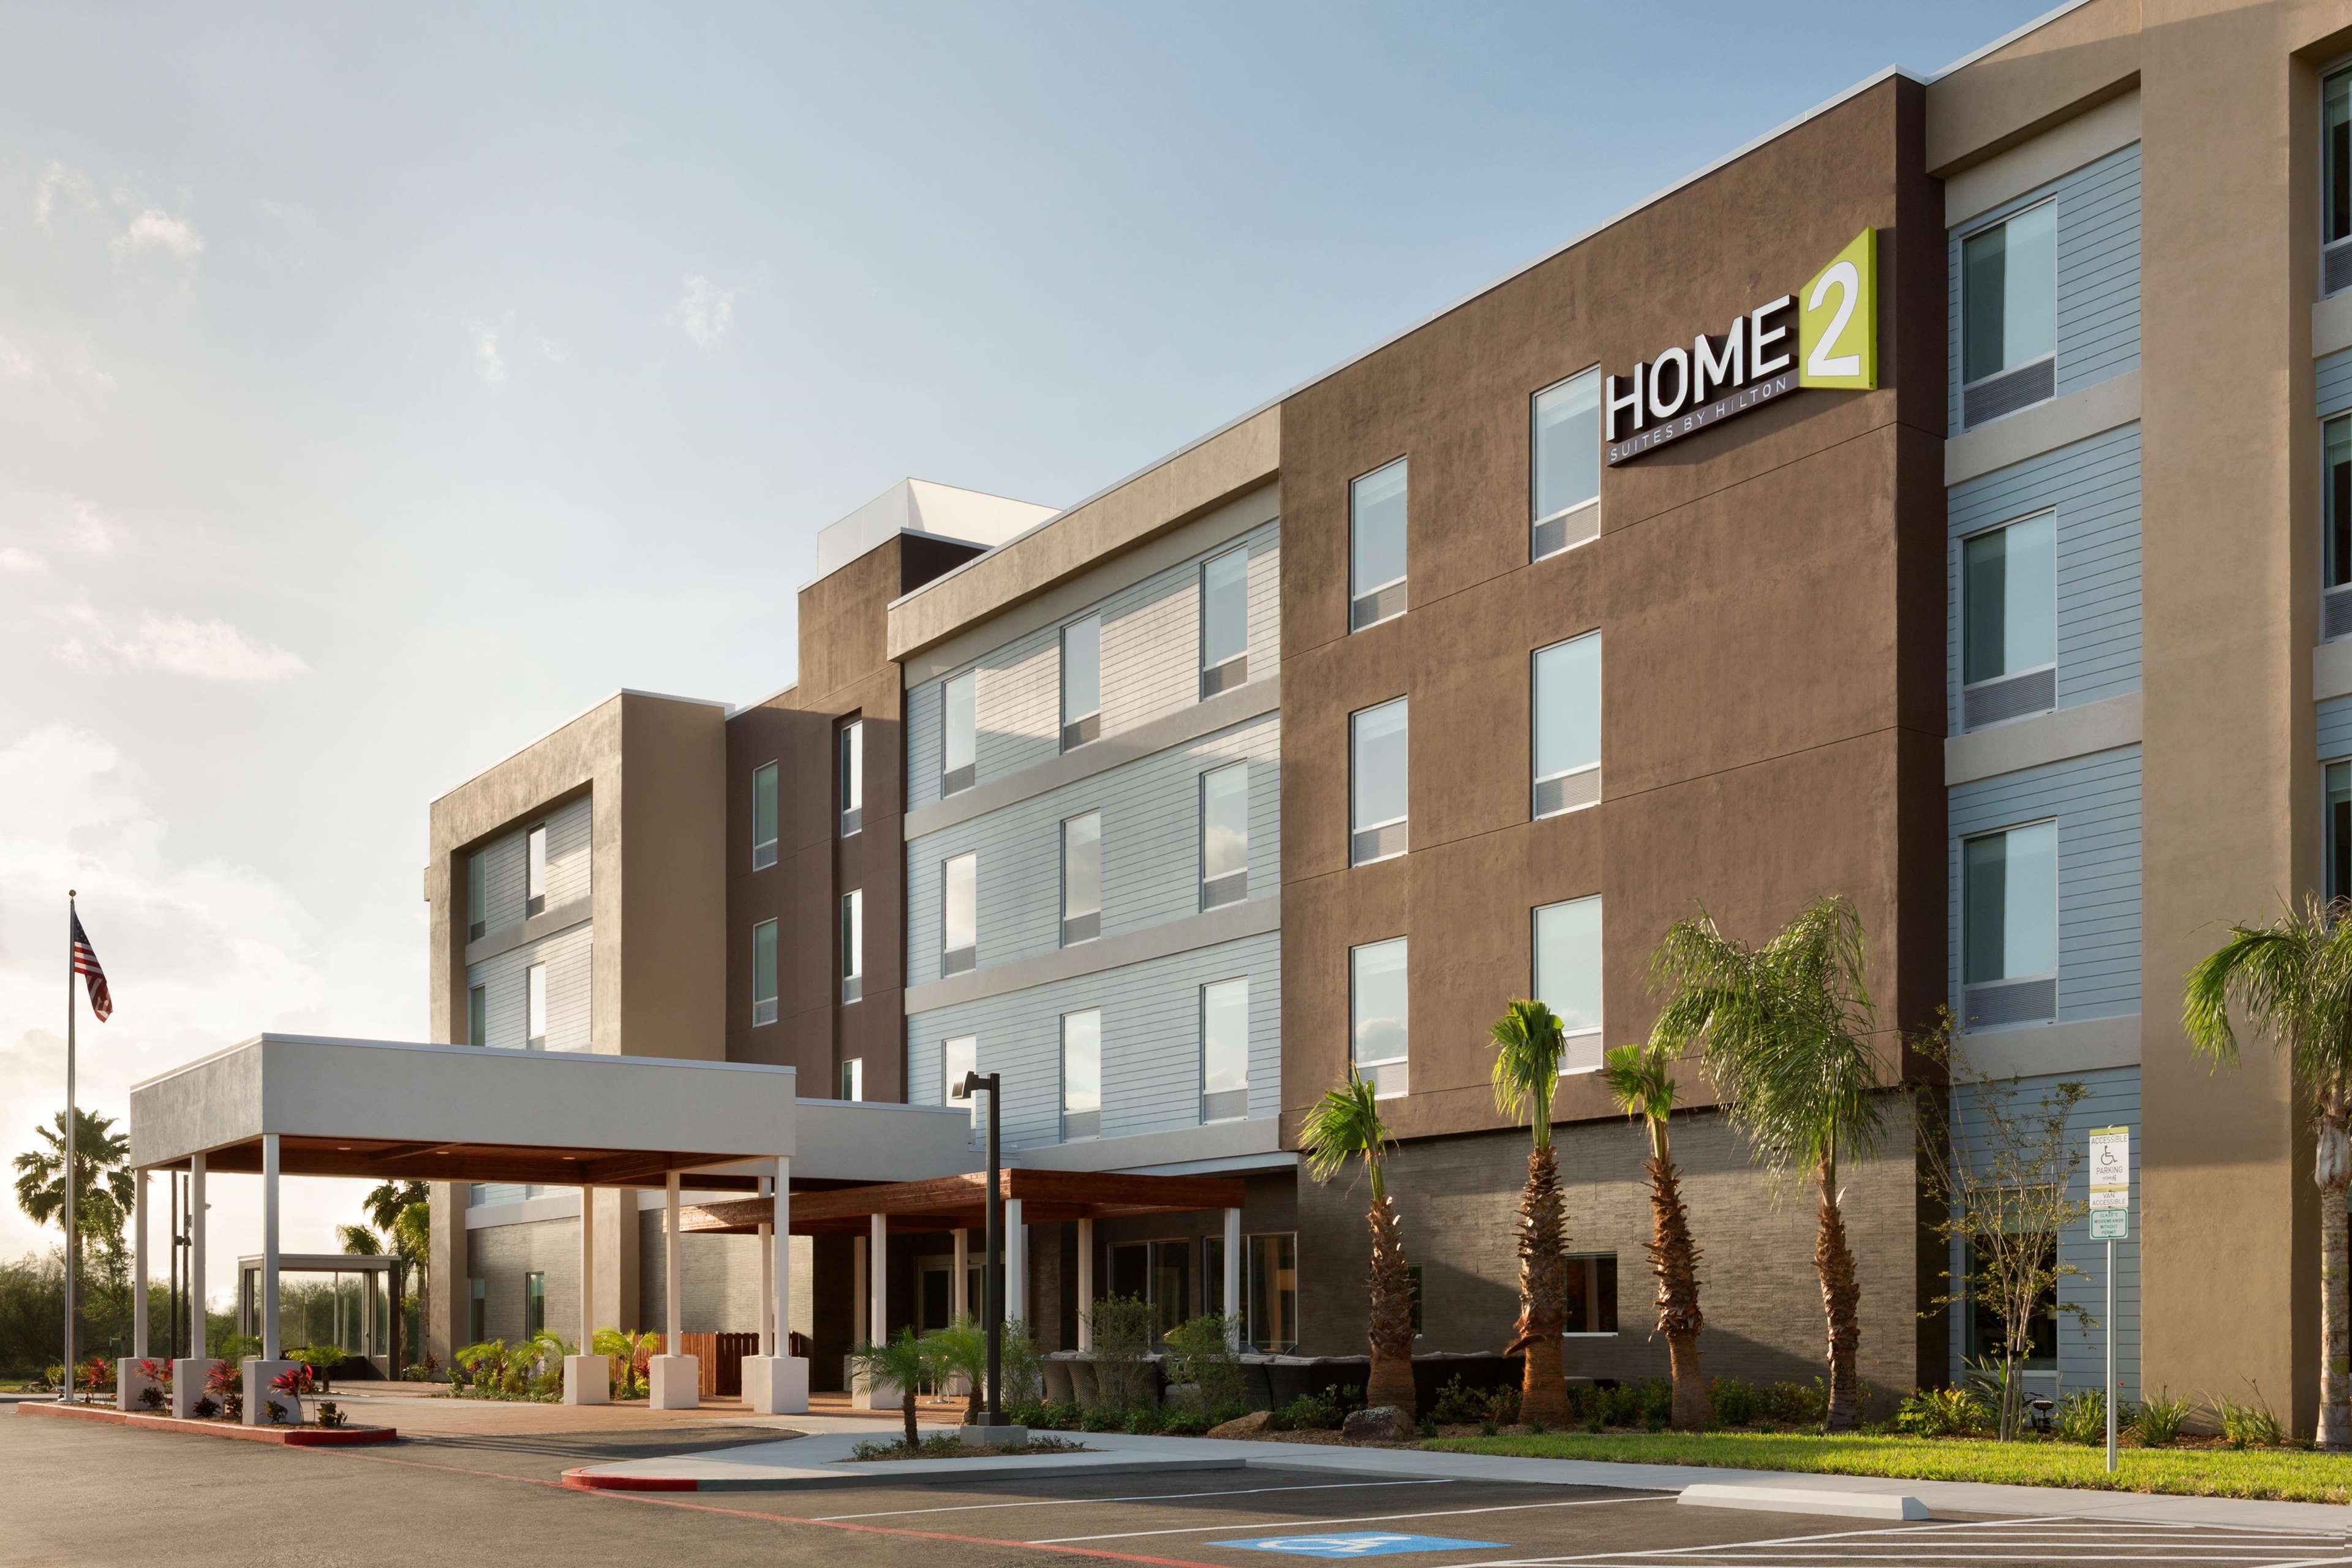 Home2 Suites by Hilton McAllen image 0